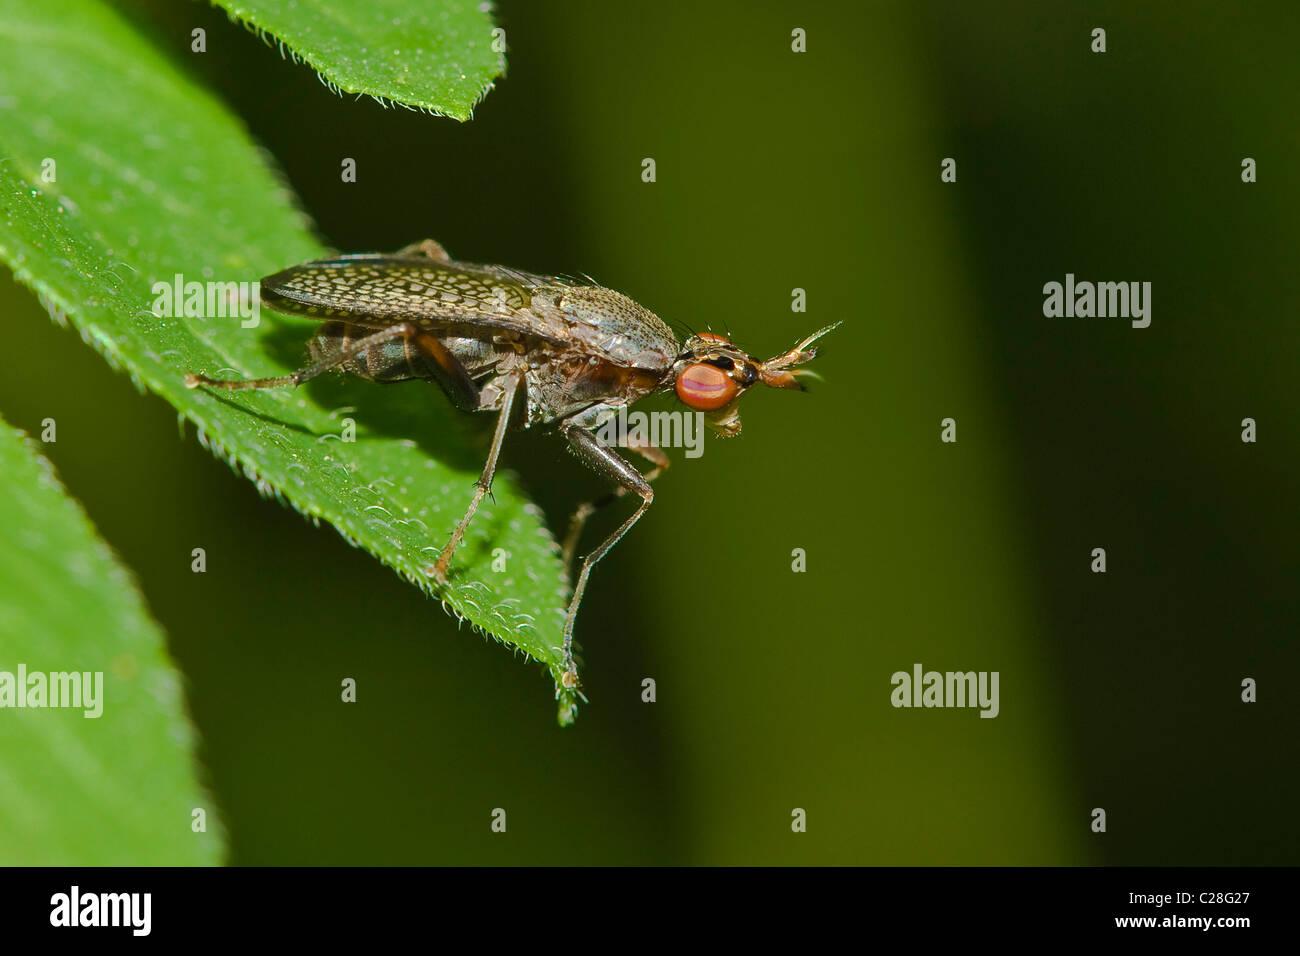 Snail-killing Fly (Coremacera marginata) on a leaf. - Stock Image